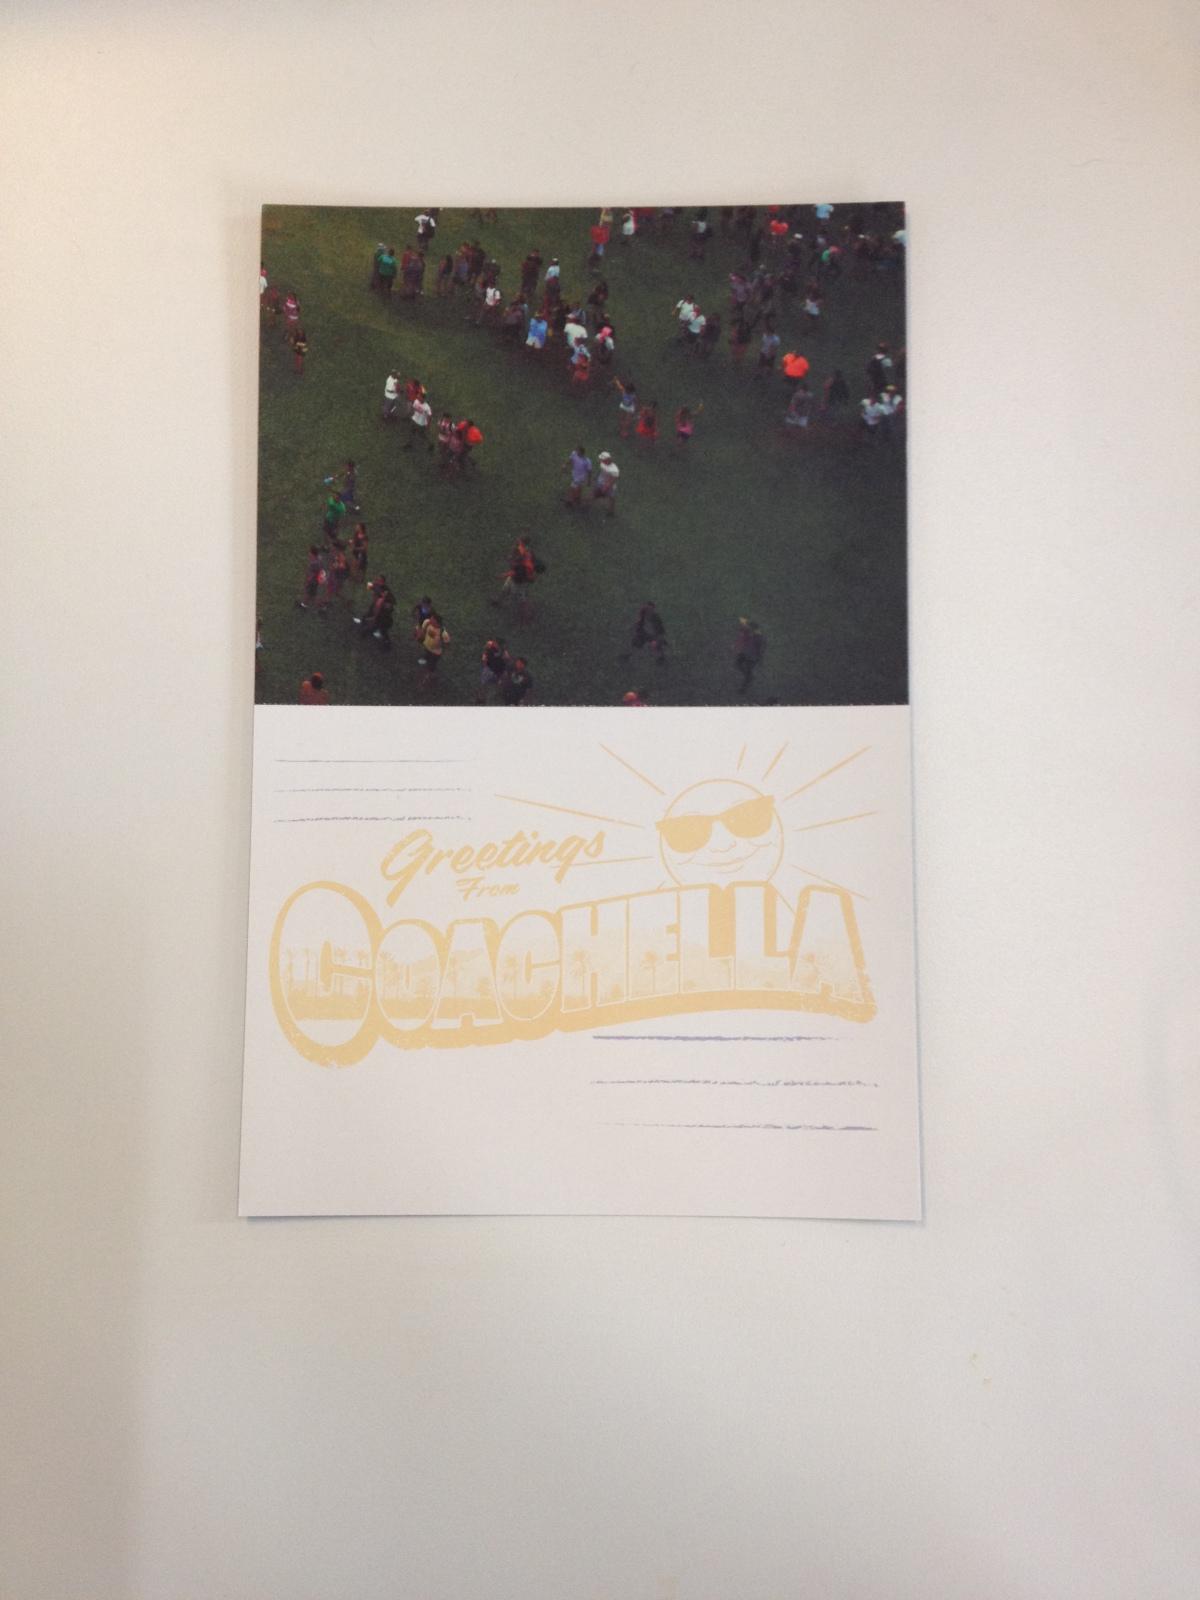 coachella music festival, coachella 2014 pass, coachella postcards